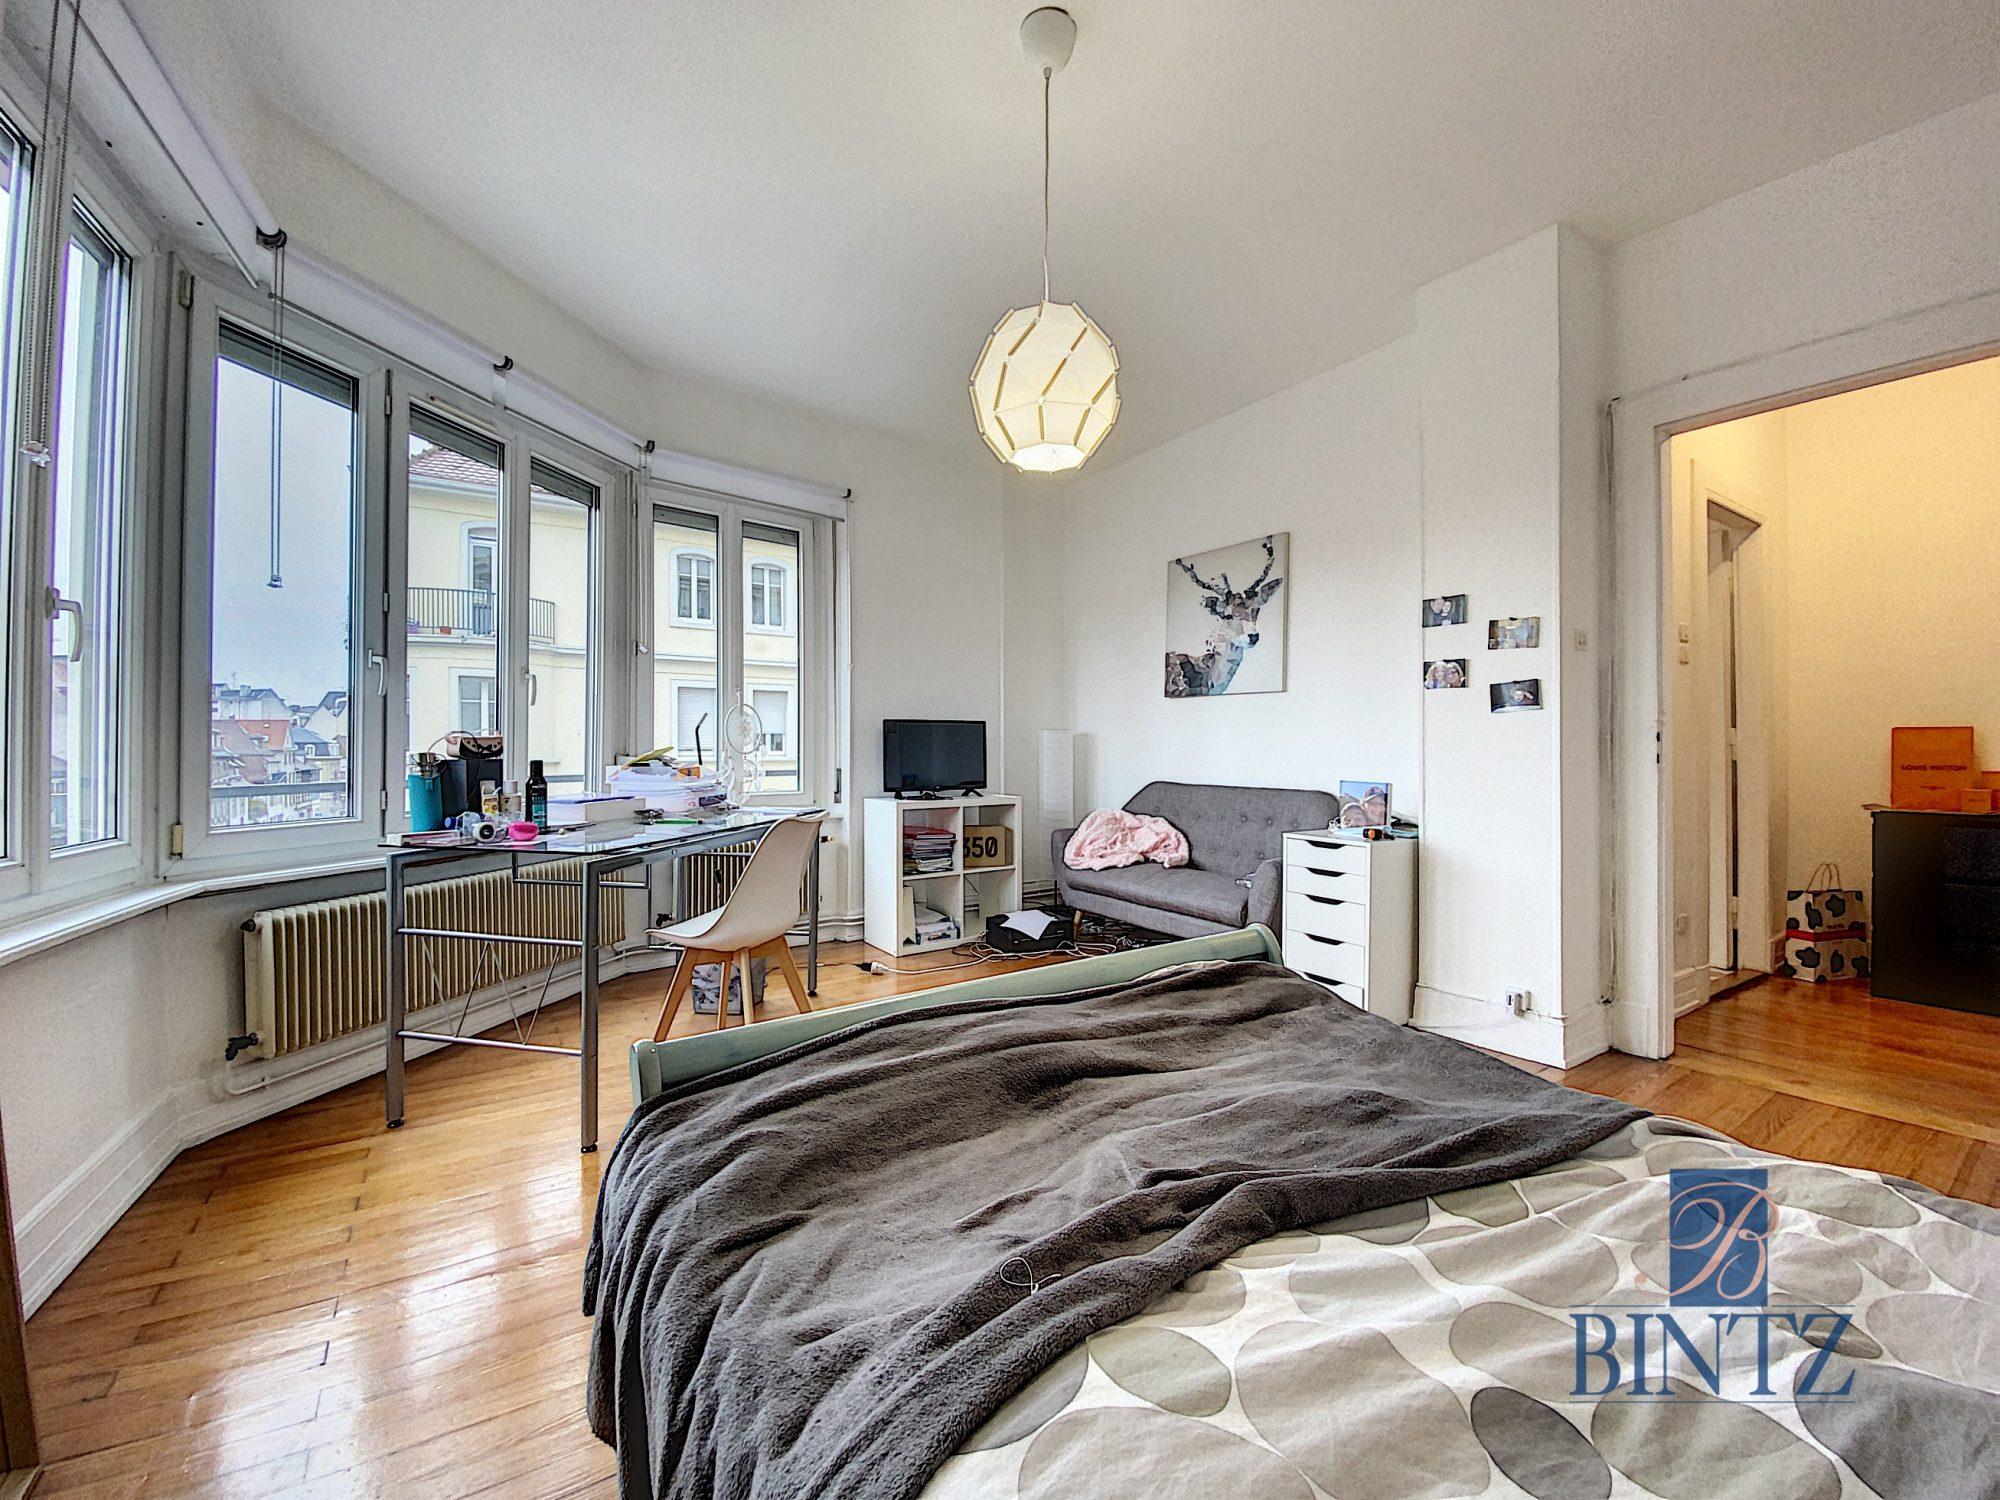 GRAND 1 PIÈCE KRUTENEAU - Devenez locataire en toute sérénité - Bintz Immobilier - 9